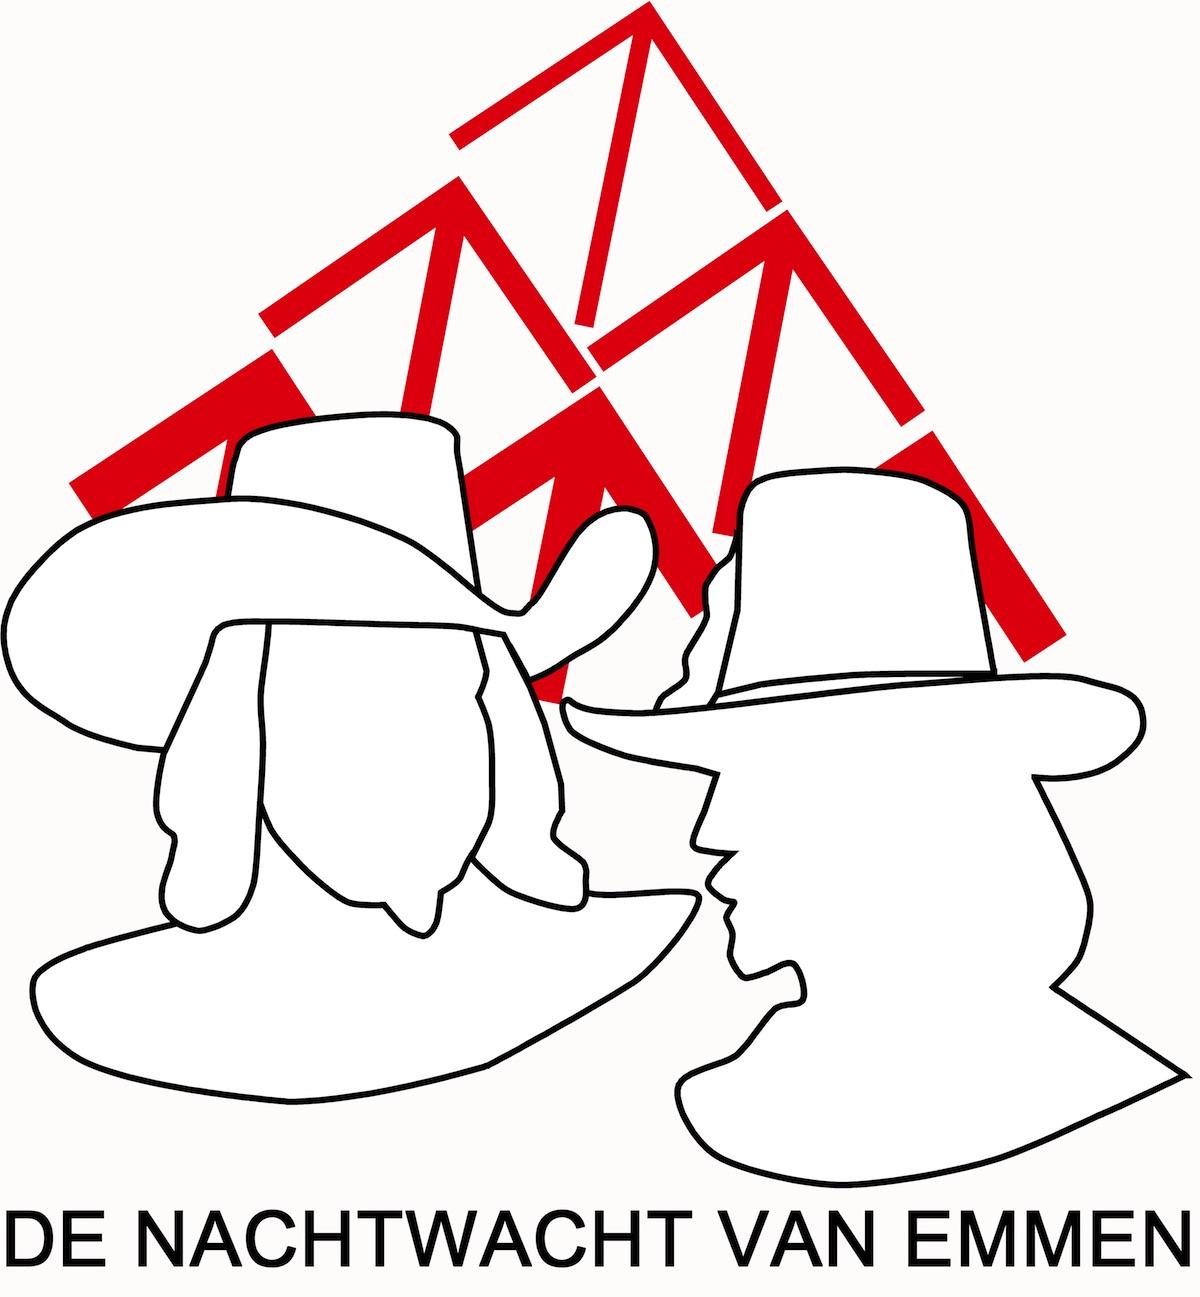 De Nachtwacht van Emmen